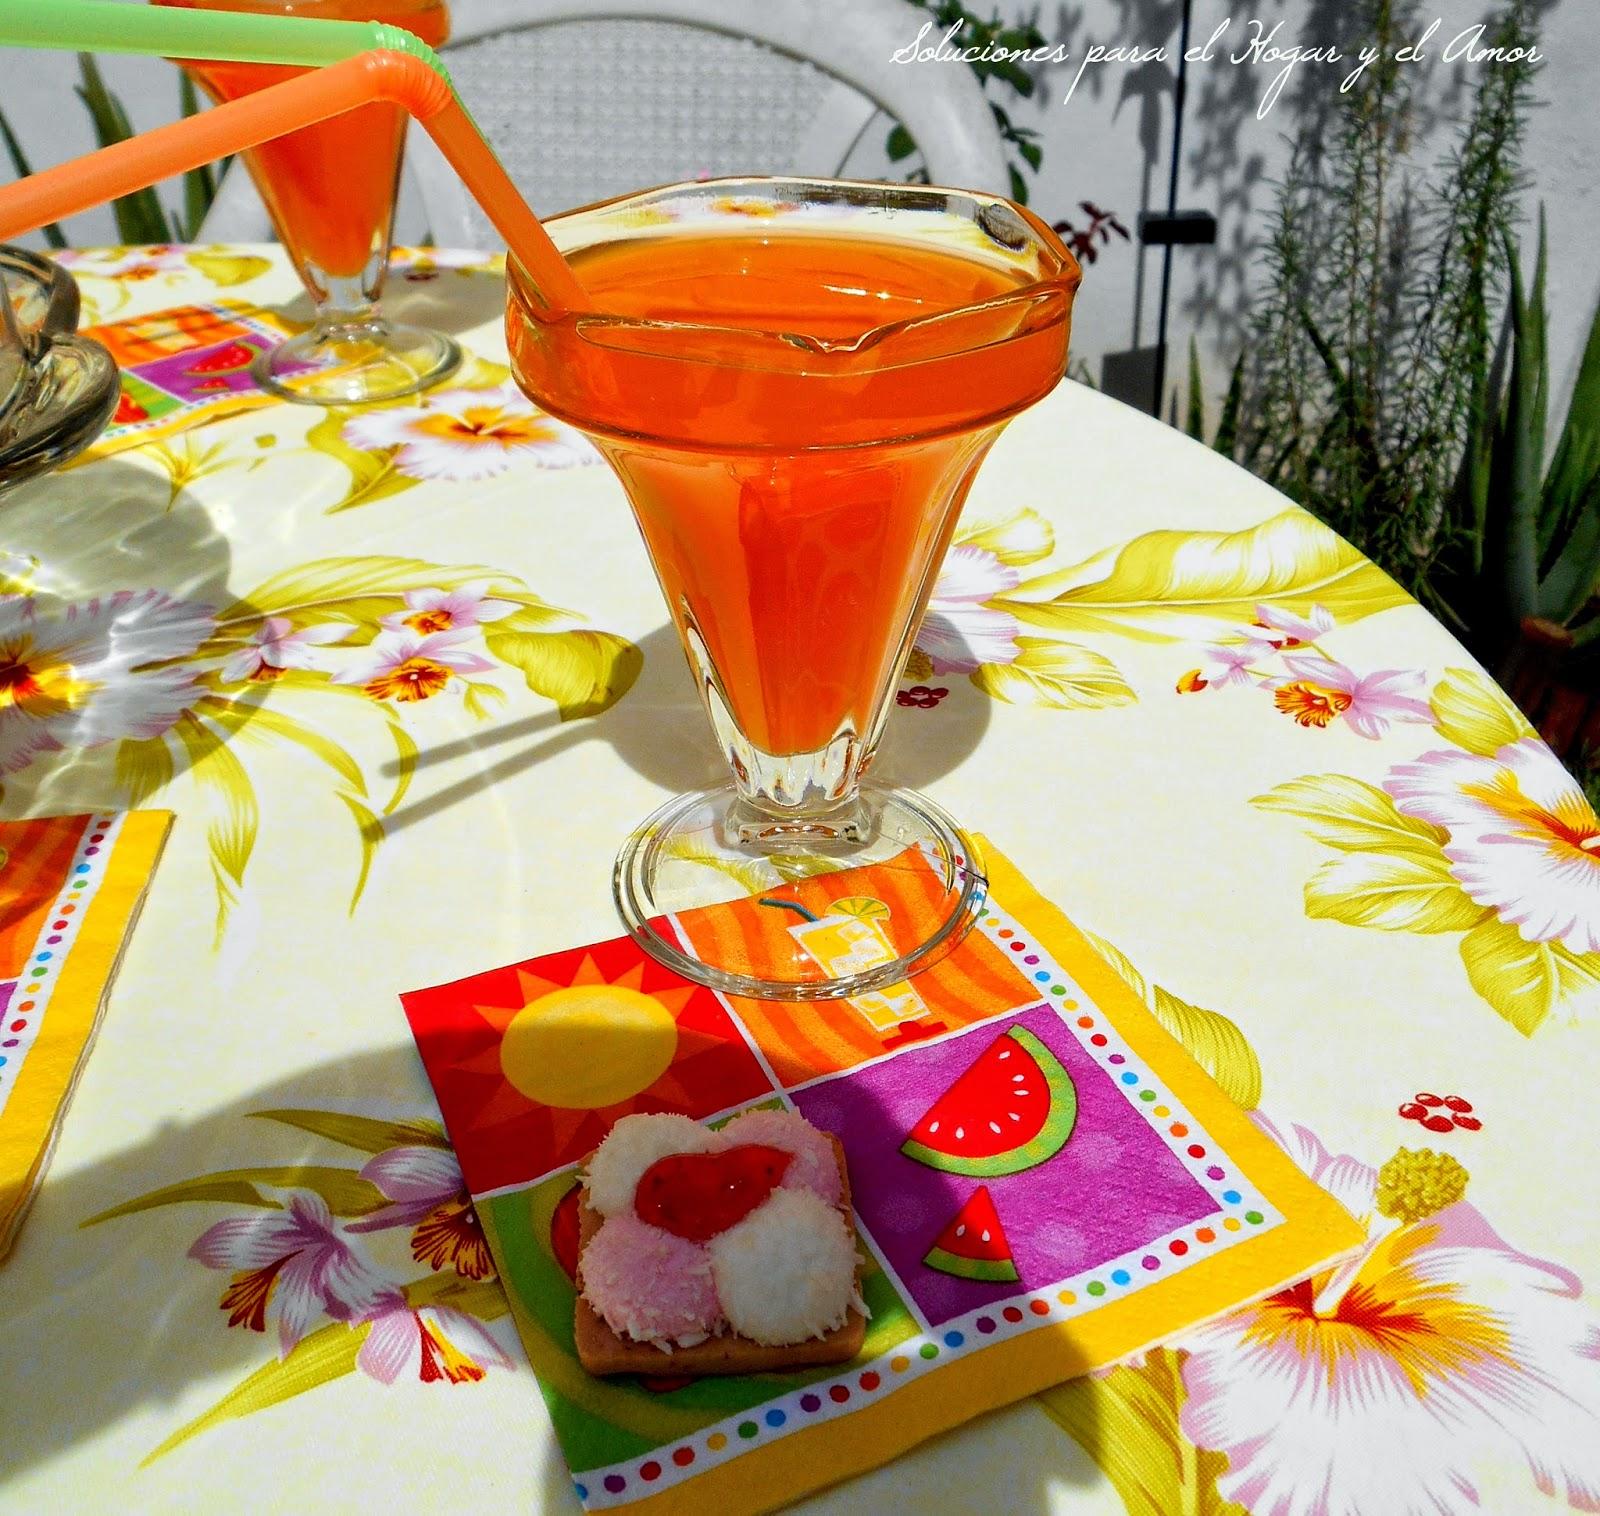 Jugo de mango, vasos con popote, pajilla, cañitas mesa servida en el jardín